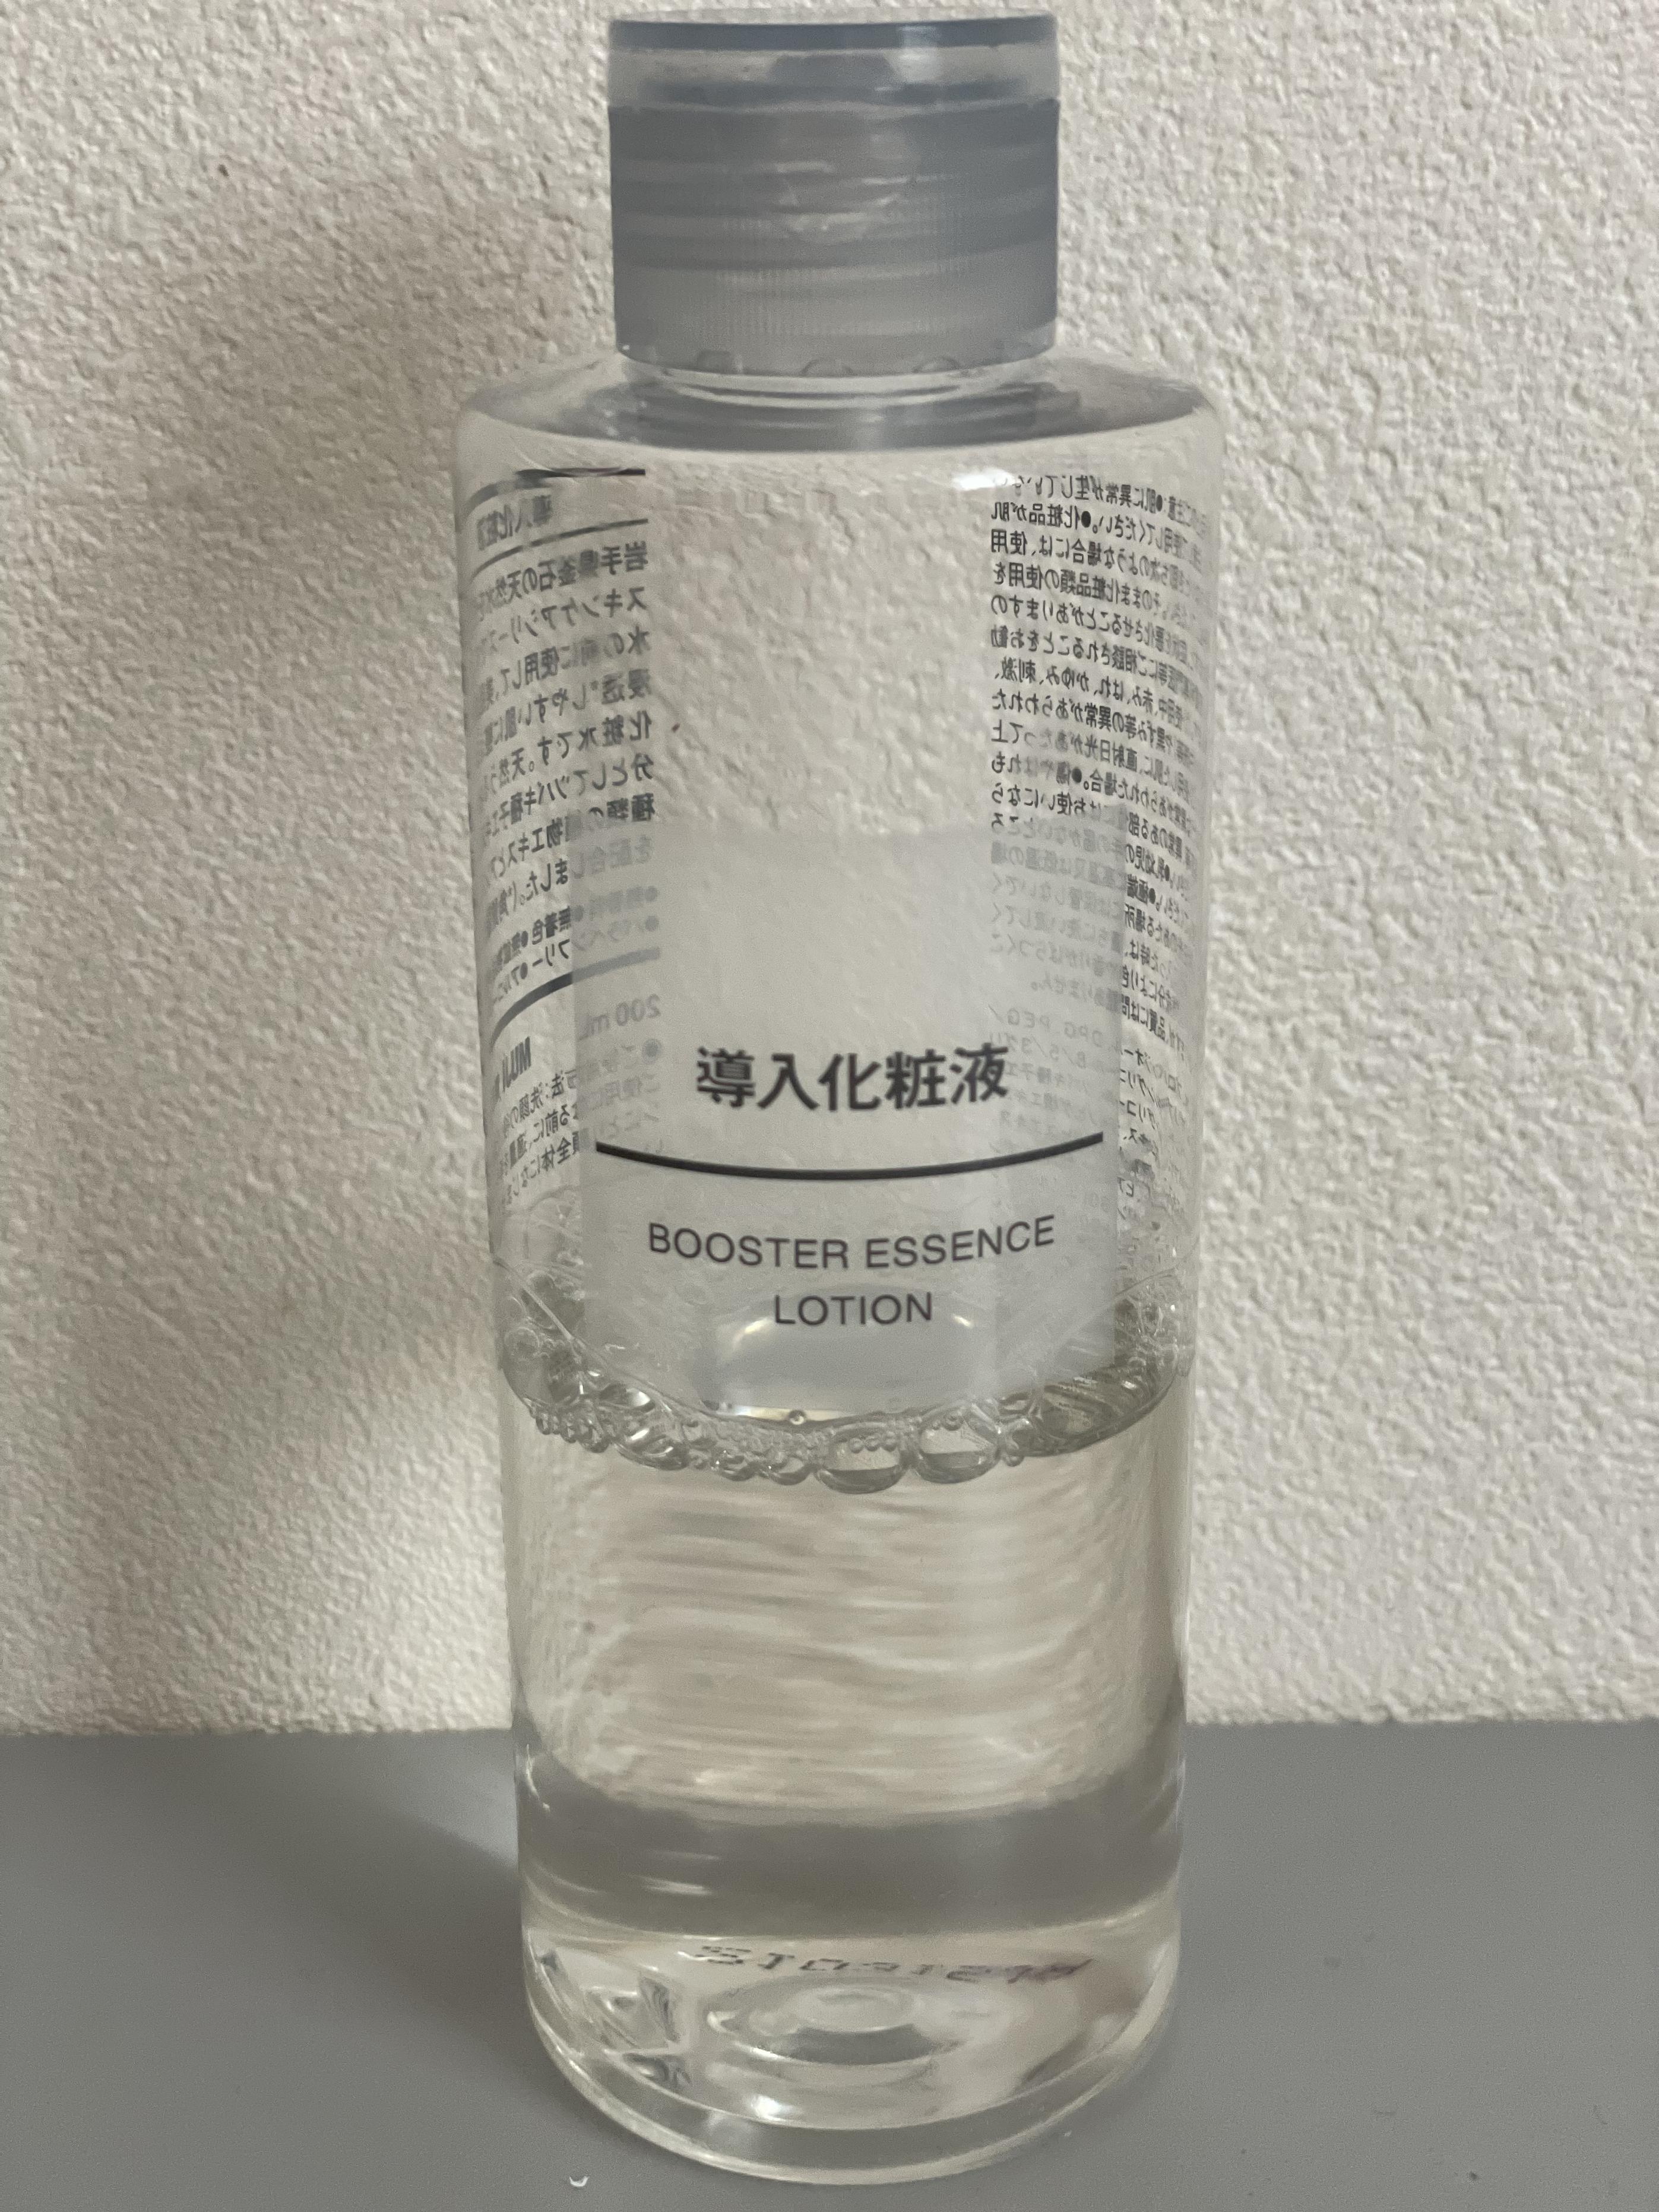 無印良品(MUJI)導入化粧液を使っためぐみさんのクチコミ画像1